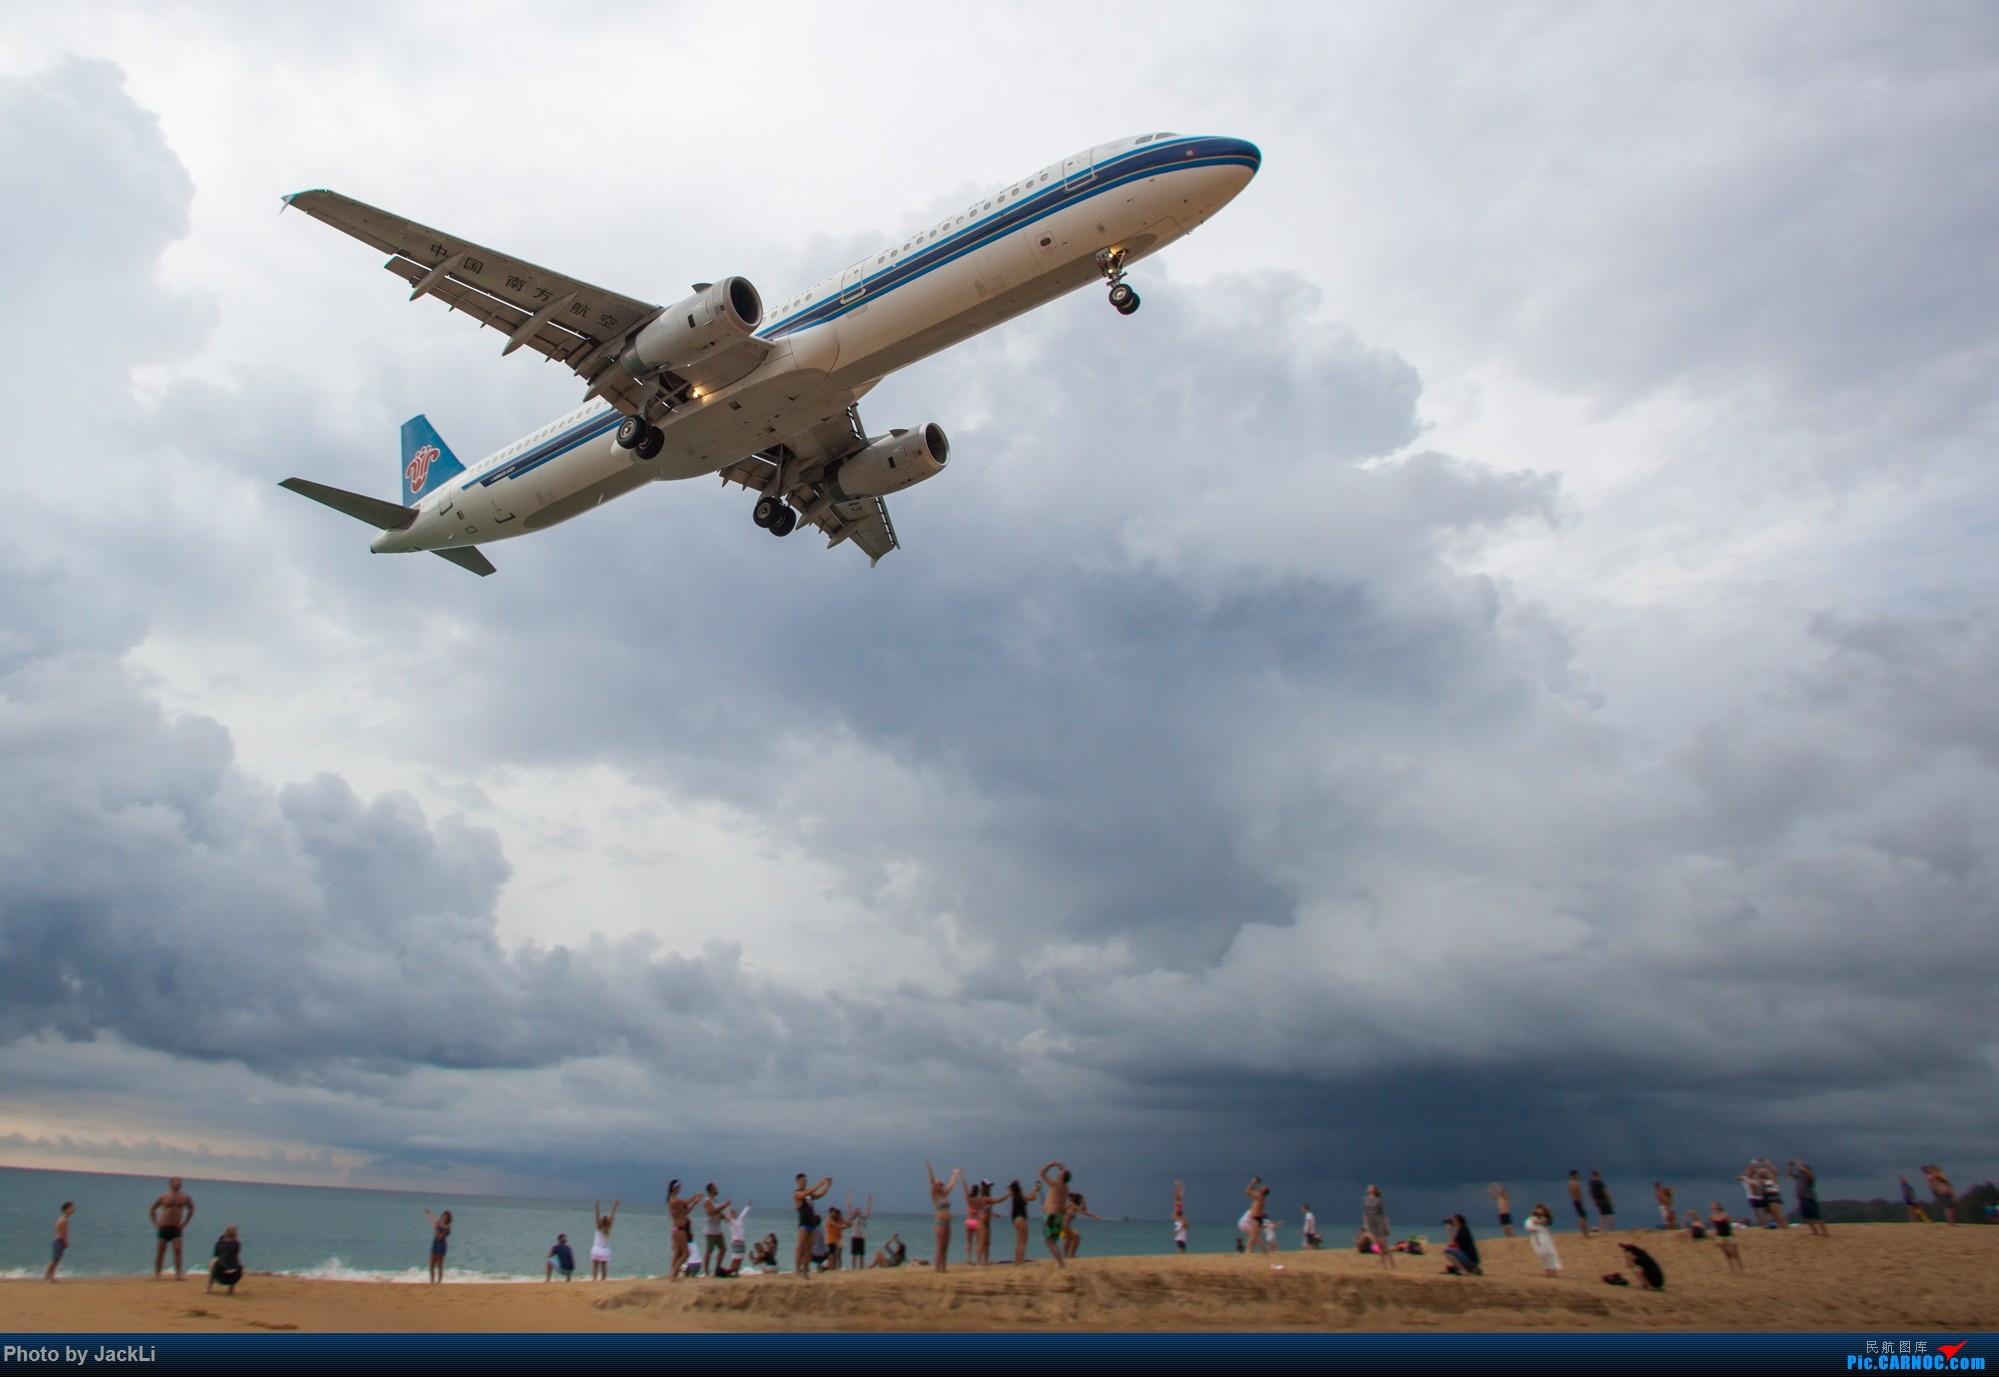 Re:[原创]【JackLi】亚洲圣马丁~普吉岛机场拍机 AIRBUS A321-200 B-6343 泰国普吉机场